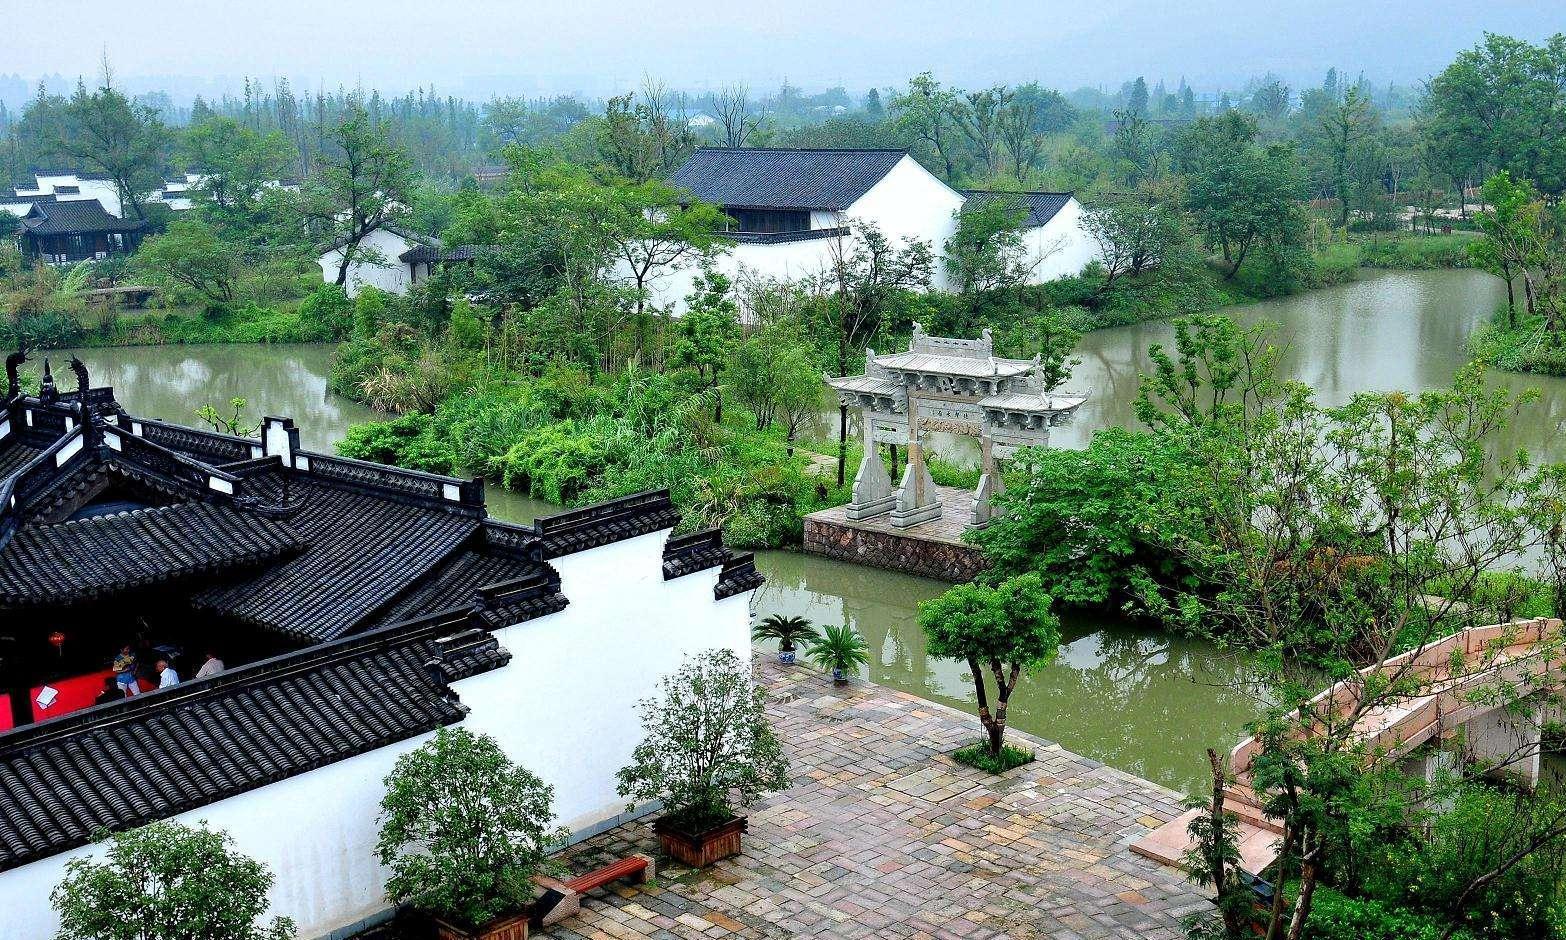 """浙江天然氧吧走红,被称""""杭州肾脏""""适合避暑,距西湖6.5公里"""